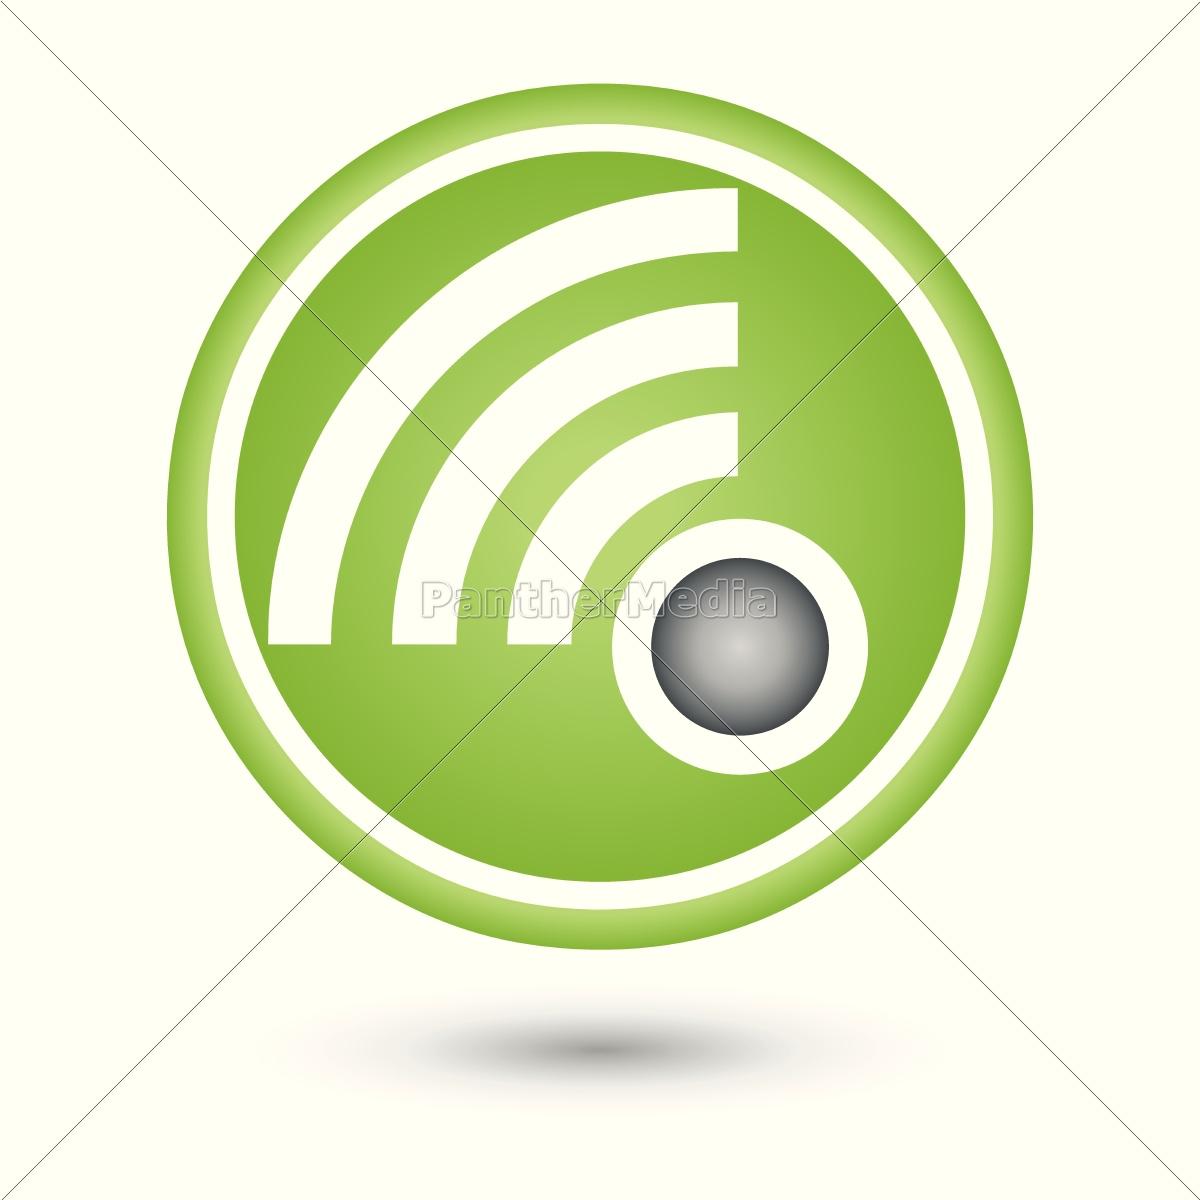 WLAN, Netzwerk, Verbindung, Logo, Icon - Lizenzfreies Bild ...